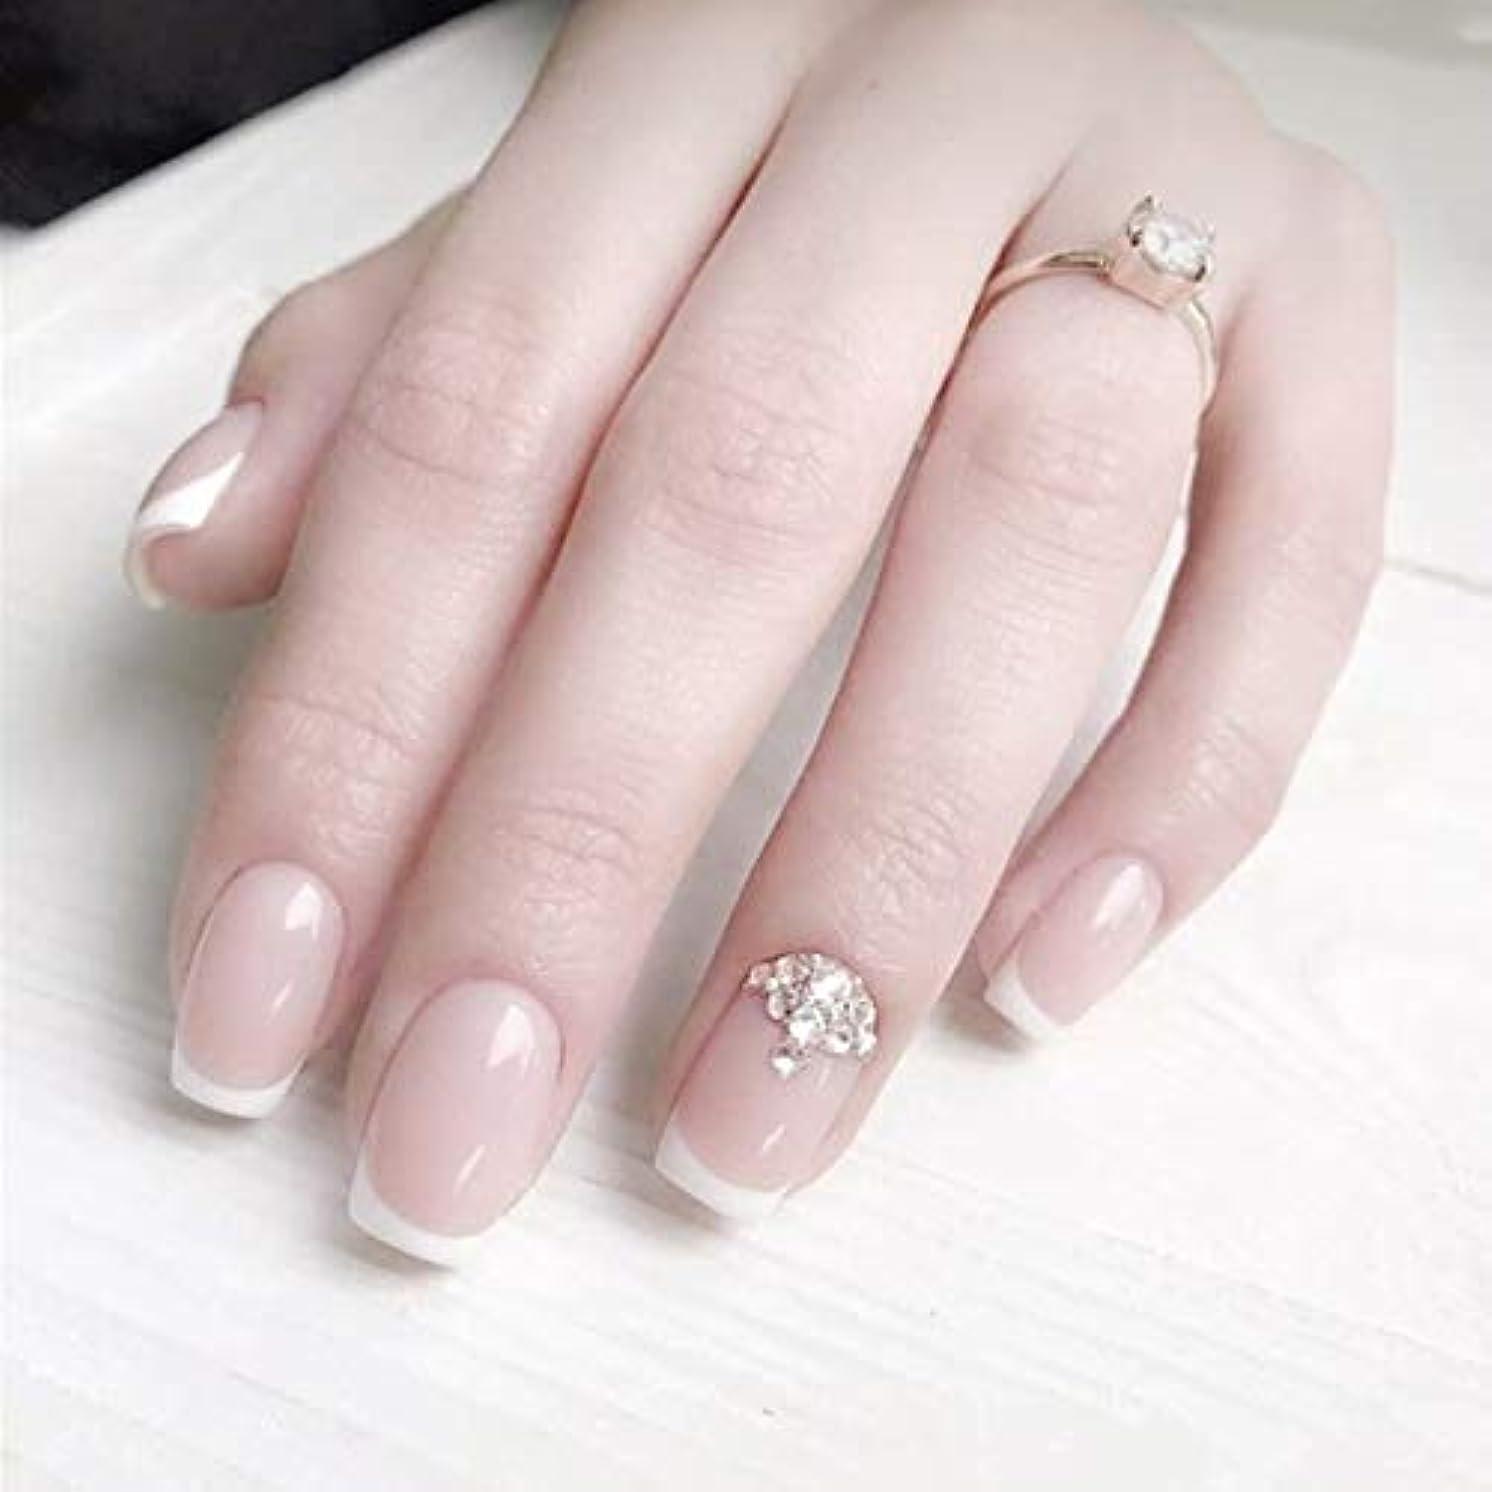 トランジスタゼロ文明化ロマンチックのフランス風ネイルチップ 付け爪 花嫁ネイルパーツ つけ爪 ネイルジュエリー ネイルアート